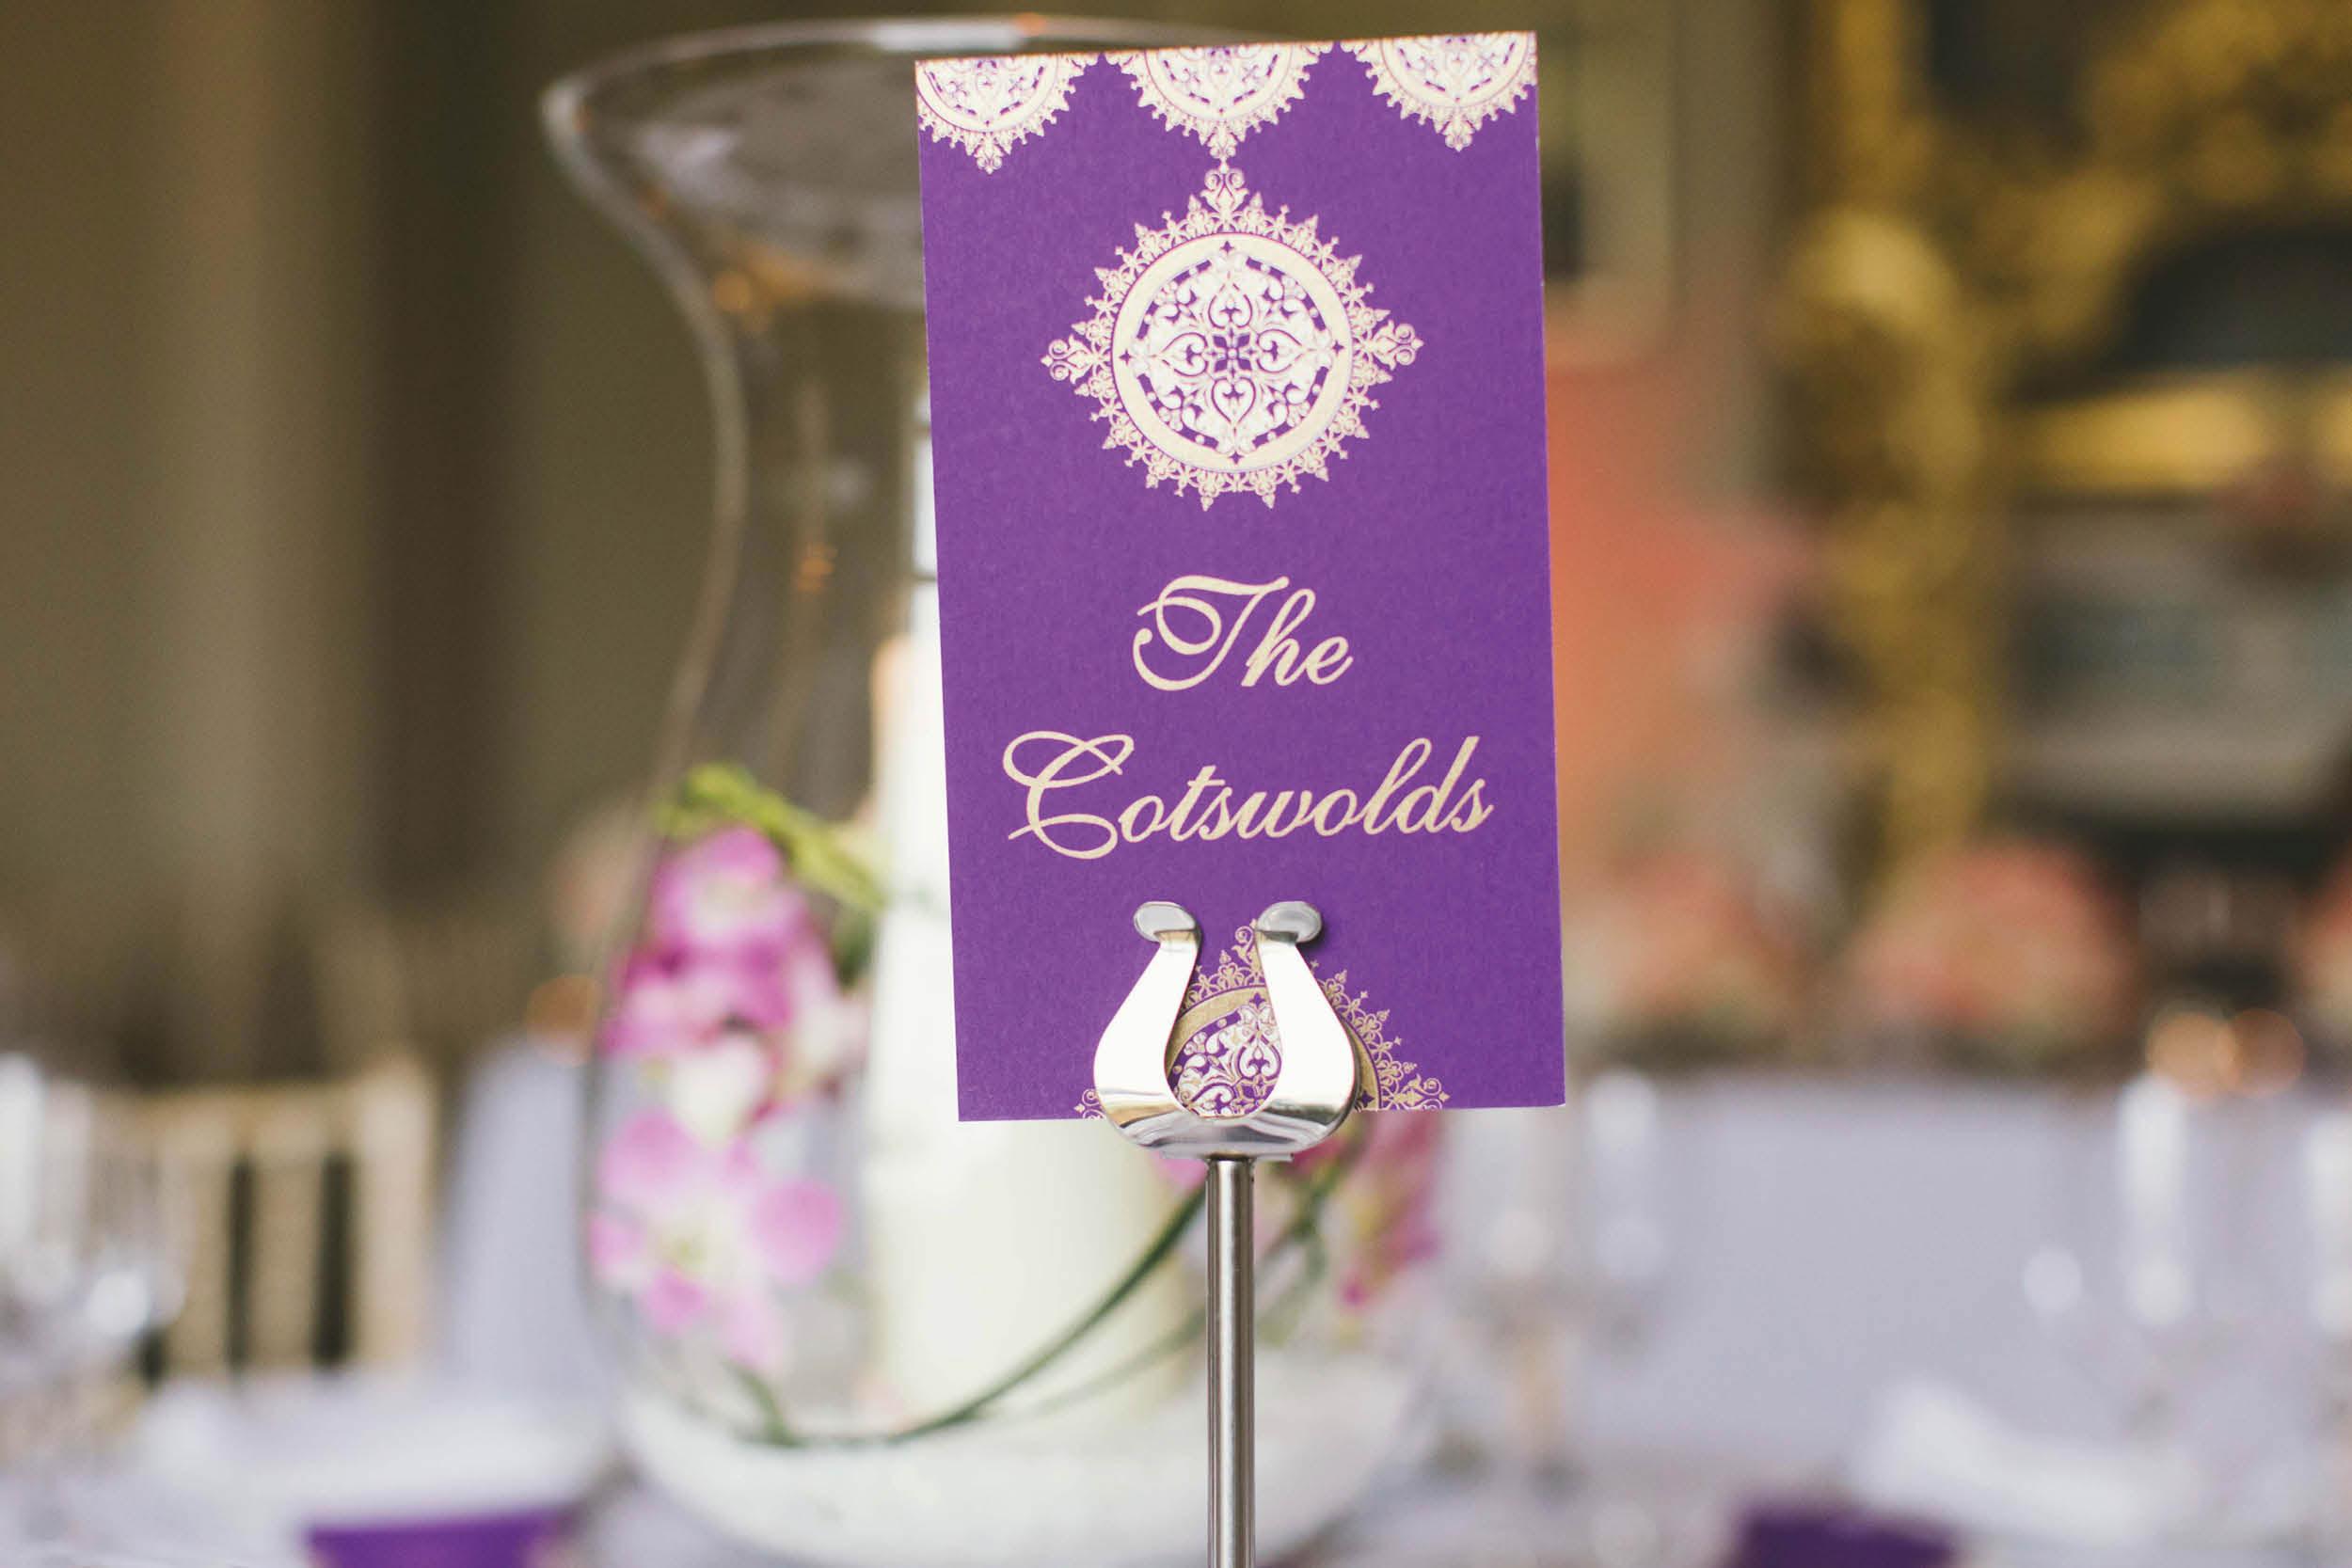 bespoke_wedding_table_stationery_mandala_ananyacards.com-06.jpg